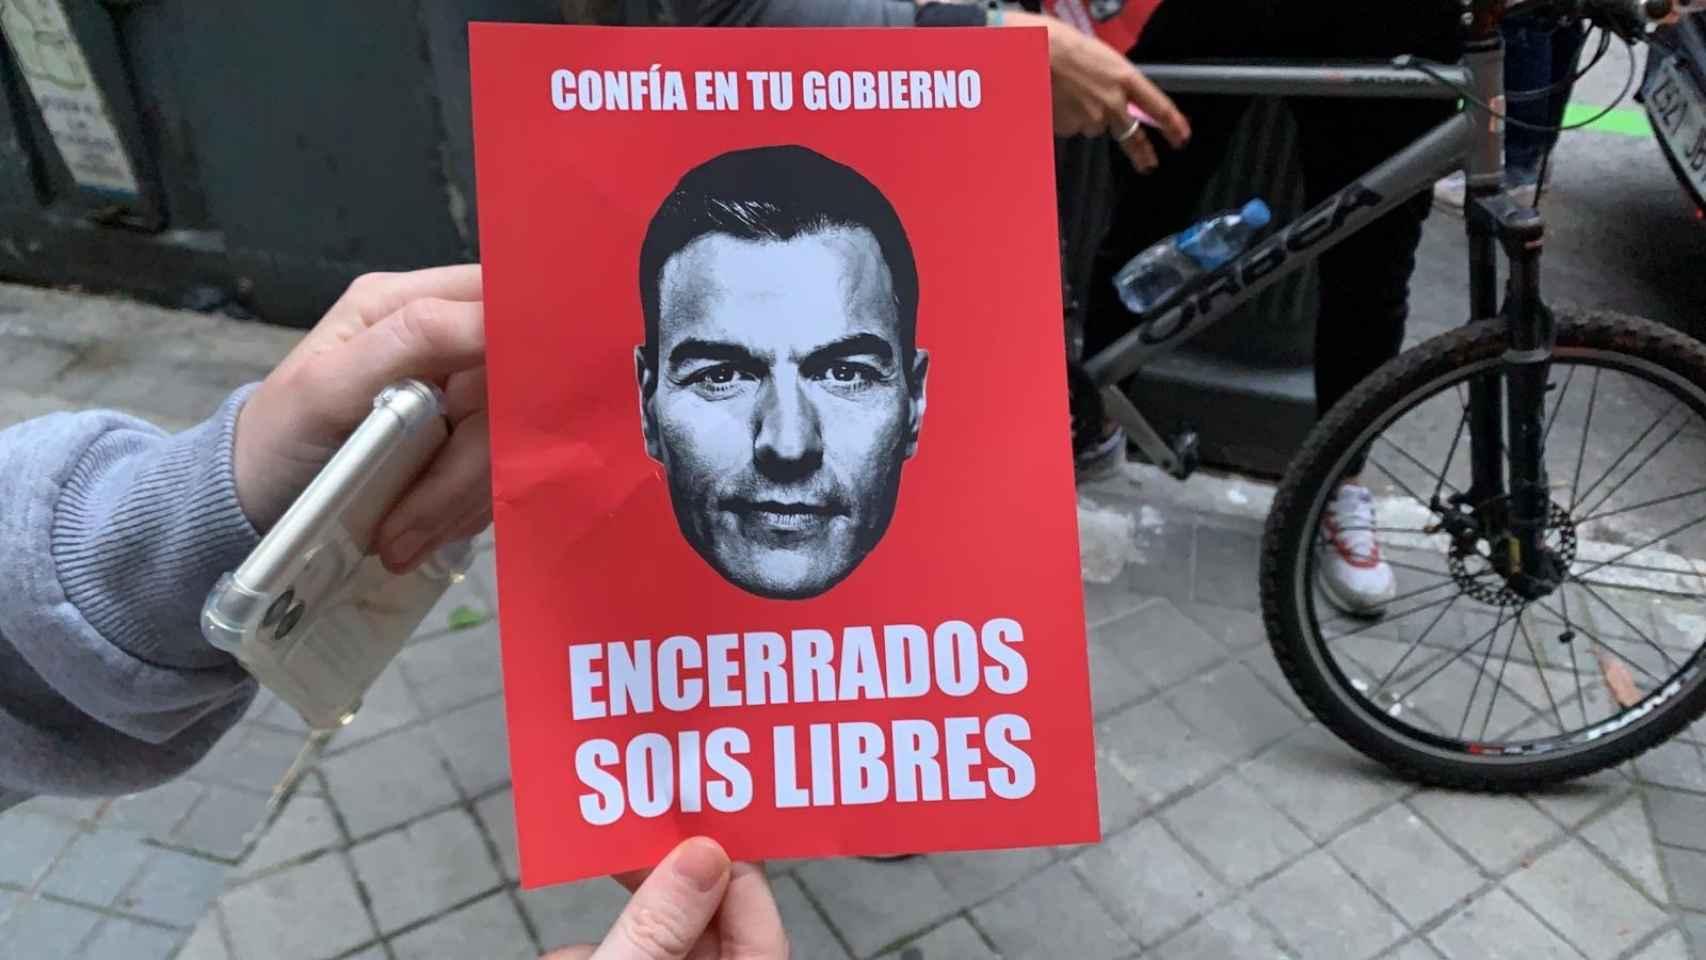 Del barrio de Salamanca a la Castellana: la rebelión contra Sánchez se extiende por Madrid